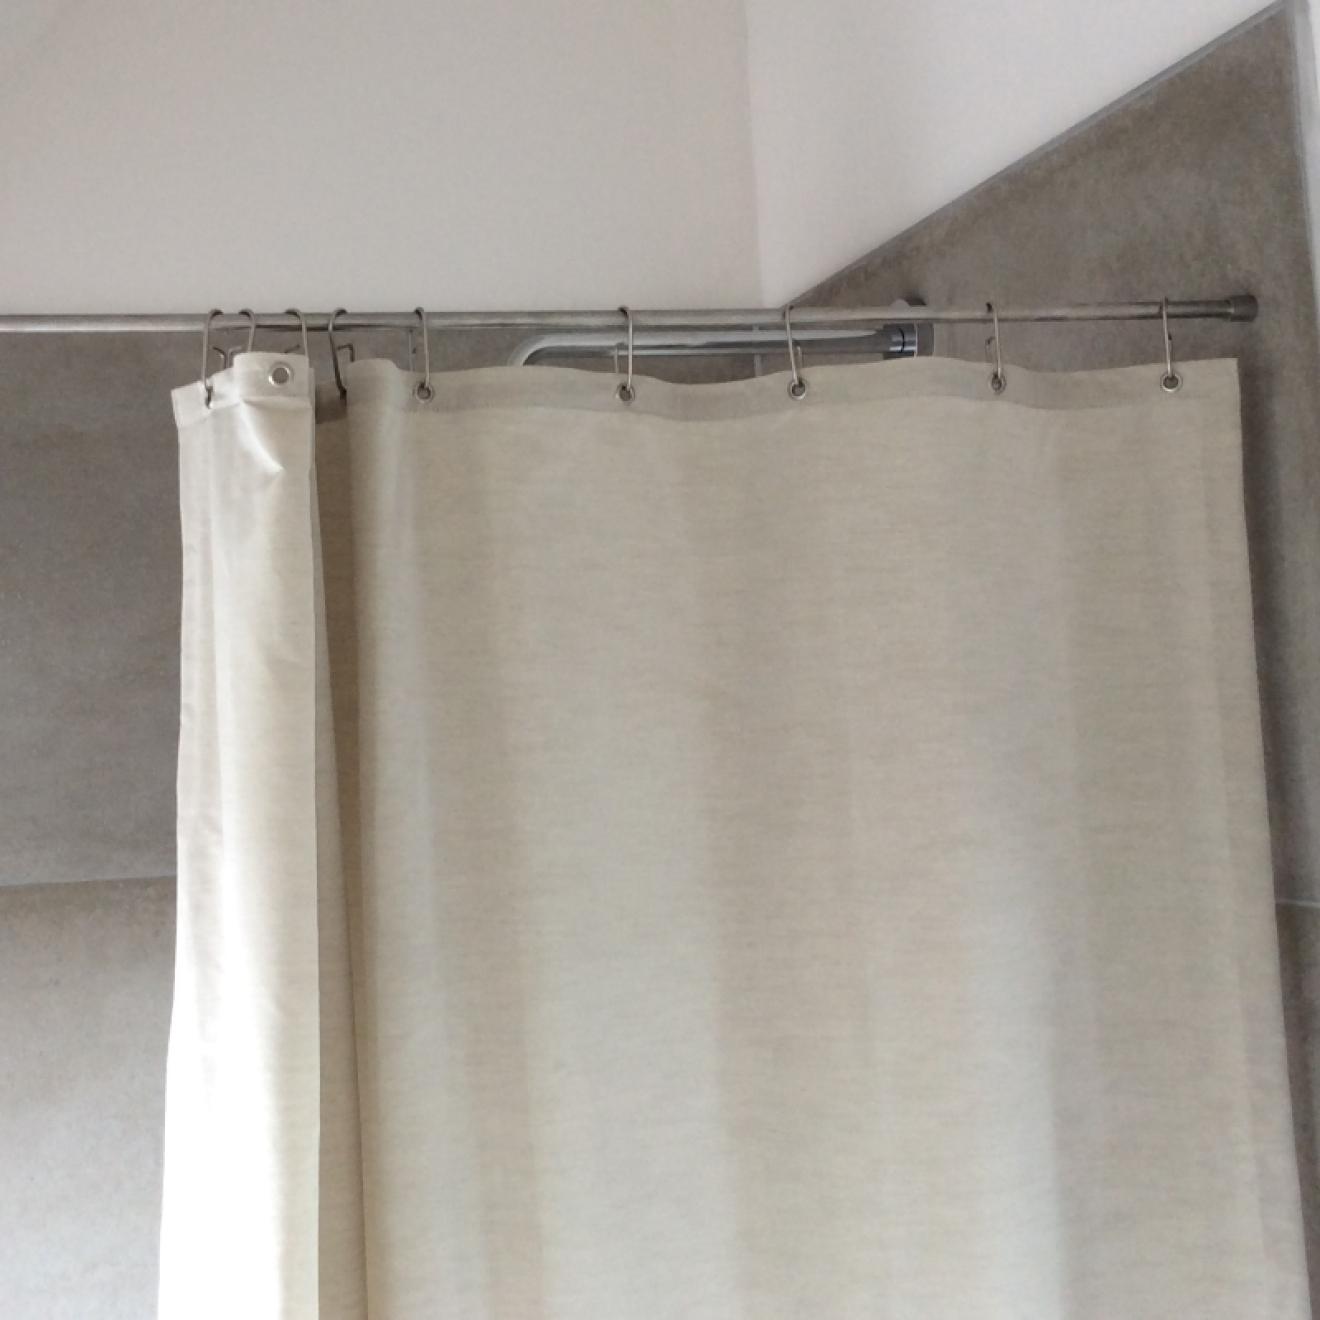 Duschvorhänge Meterware | Duschvorhangstoff | badundbaden-shop.de